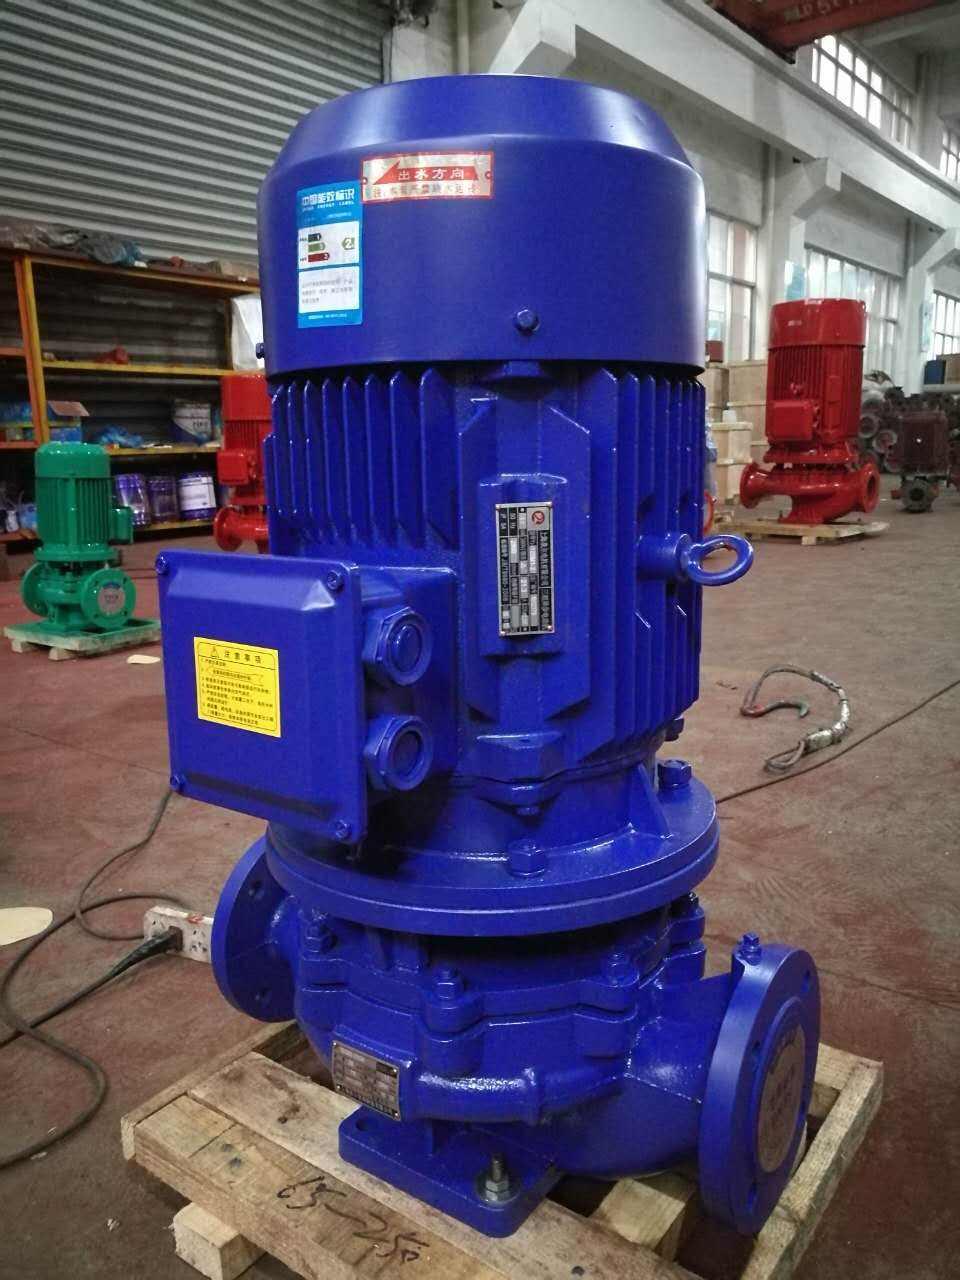 管道水泵220v价格-今日最新管道水泵220v价格行情走势 - 阿里巴巴